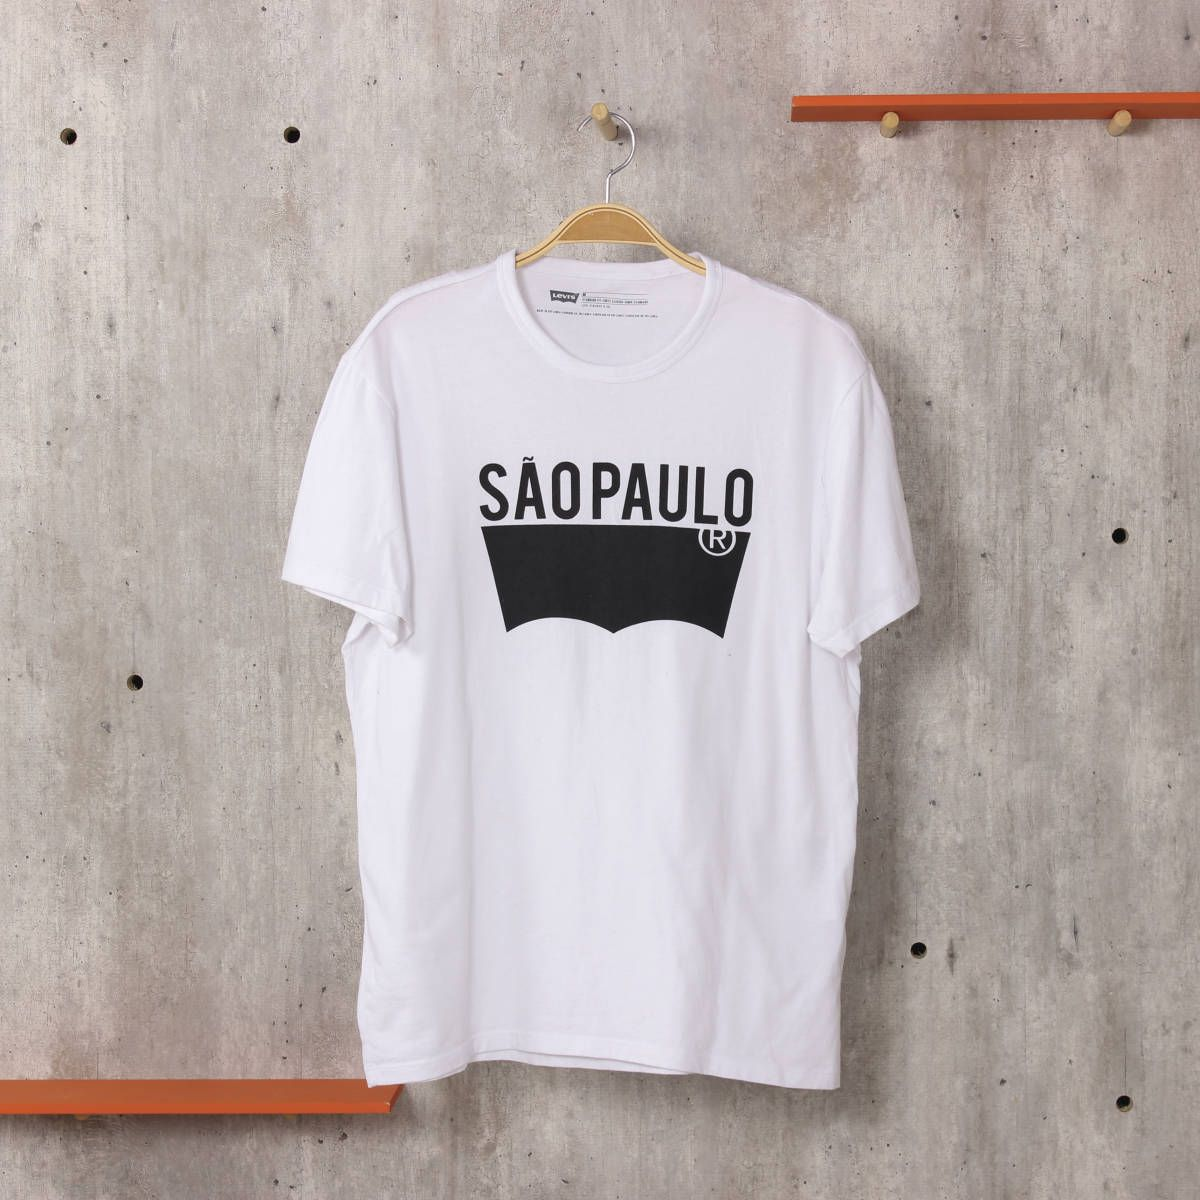 camiseta levis branca camisetas levis   Camisetas brancas